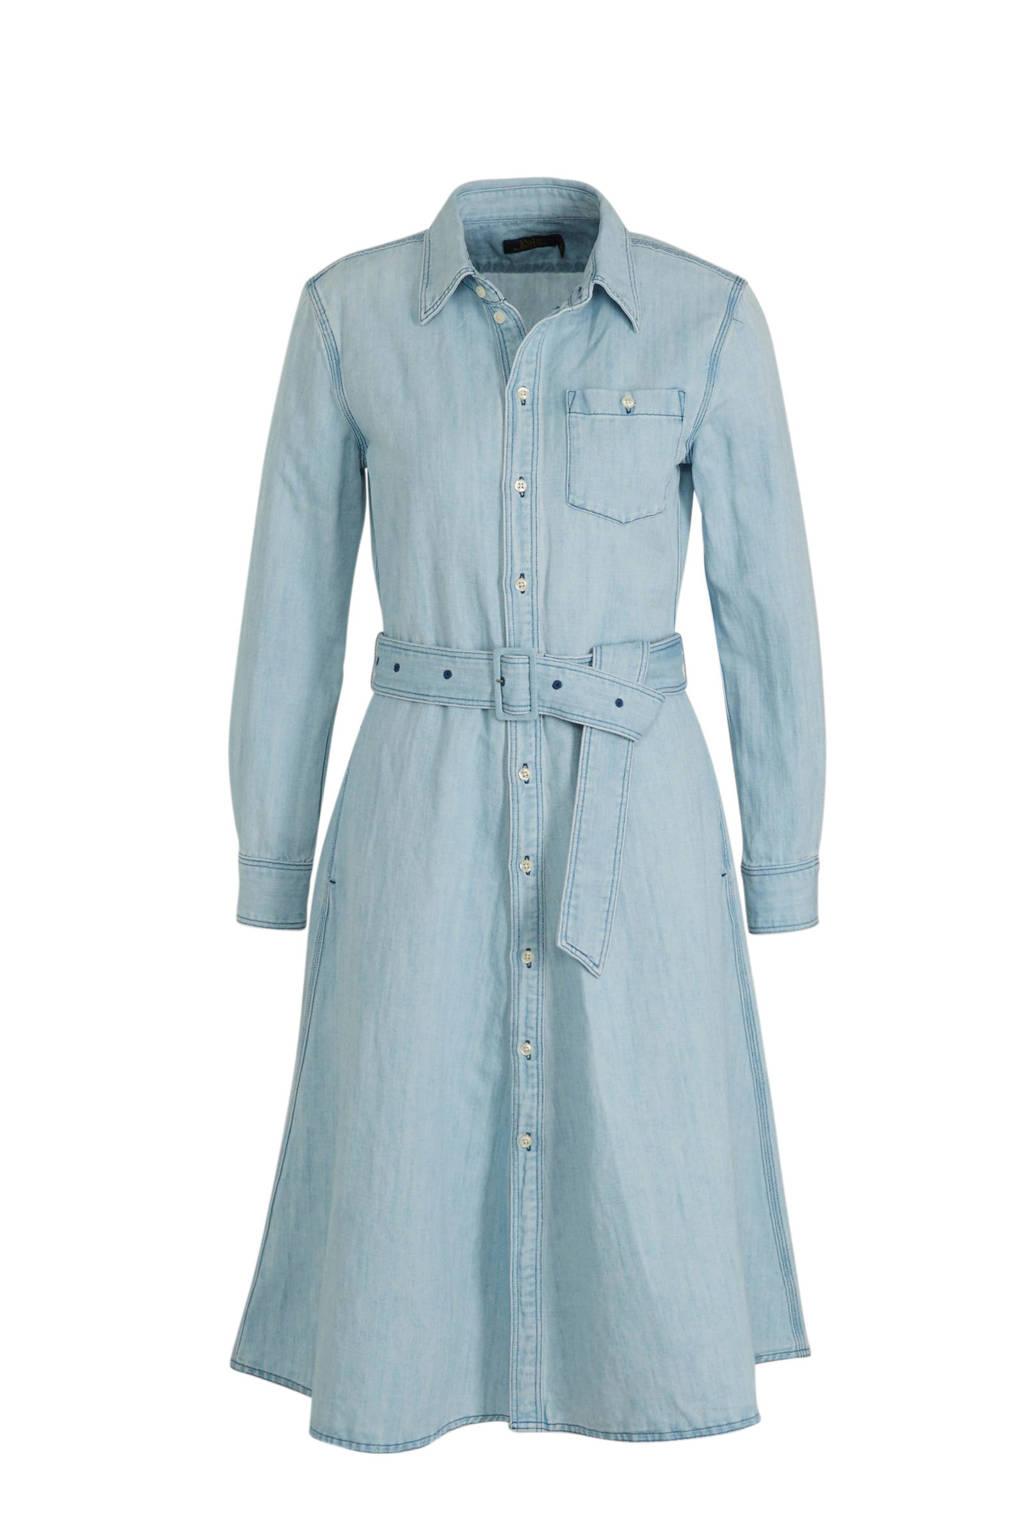 POLO Ralph Lauren blousejurk en ceintuur lichtblauw, Lichtblauw